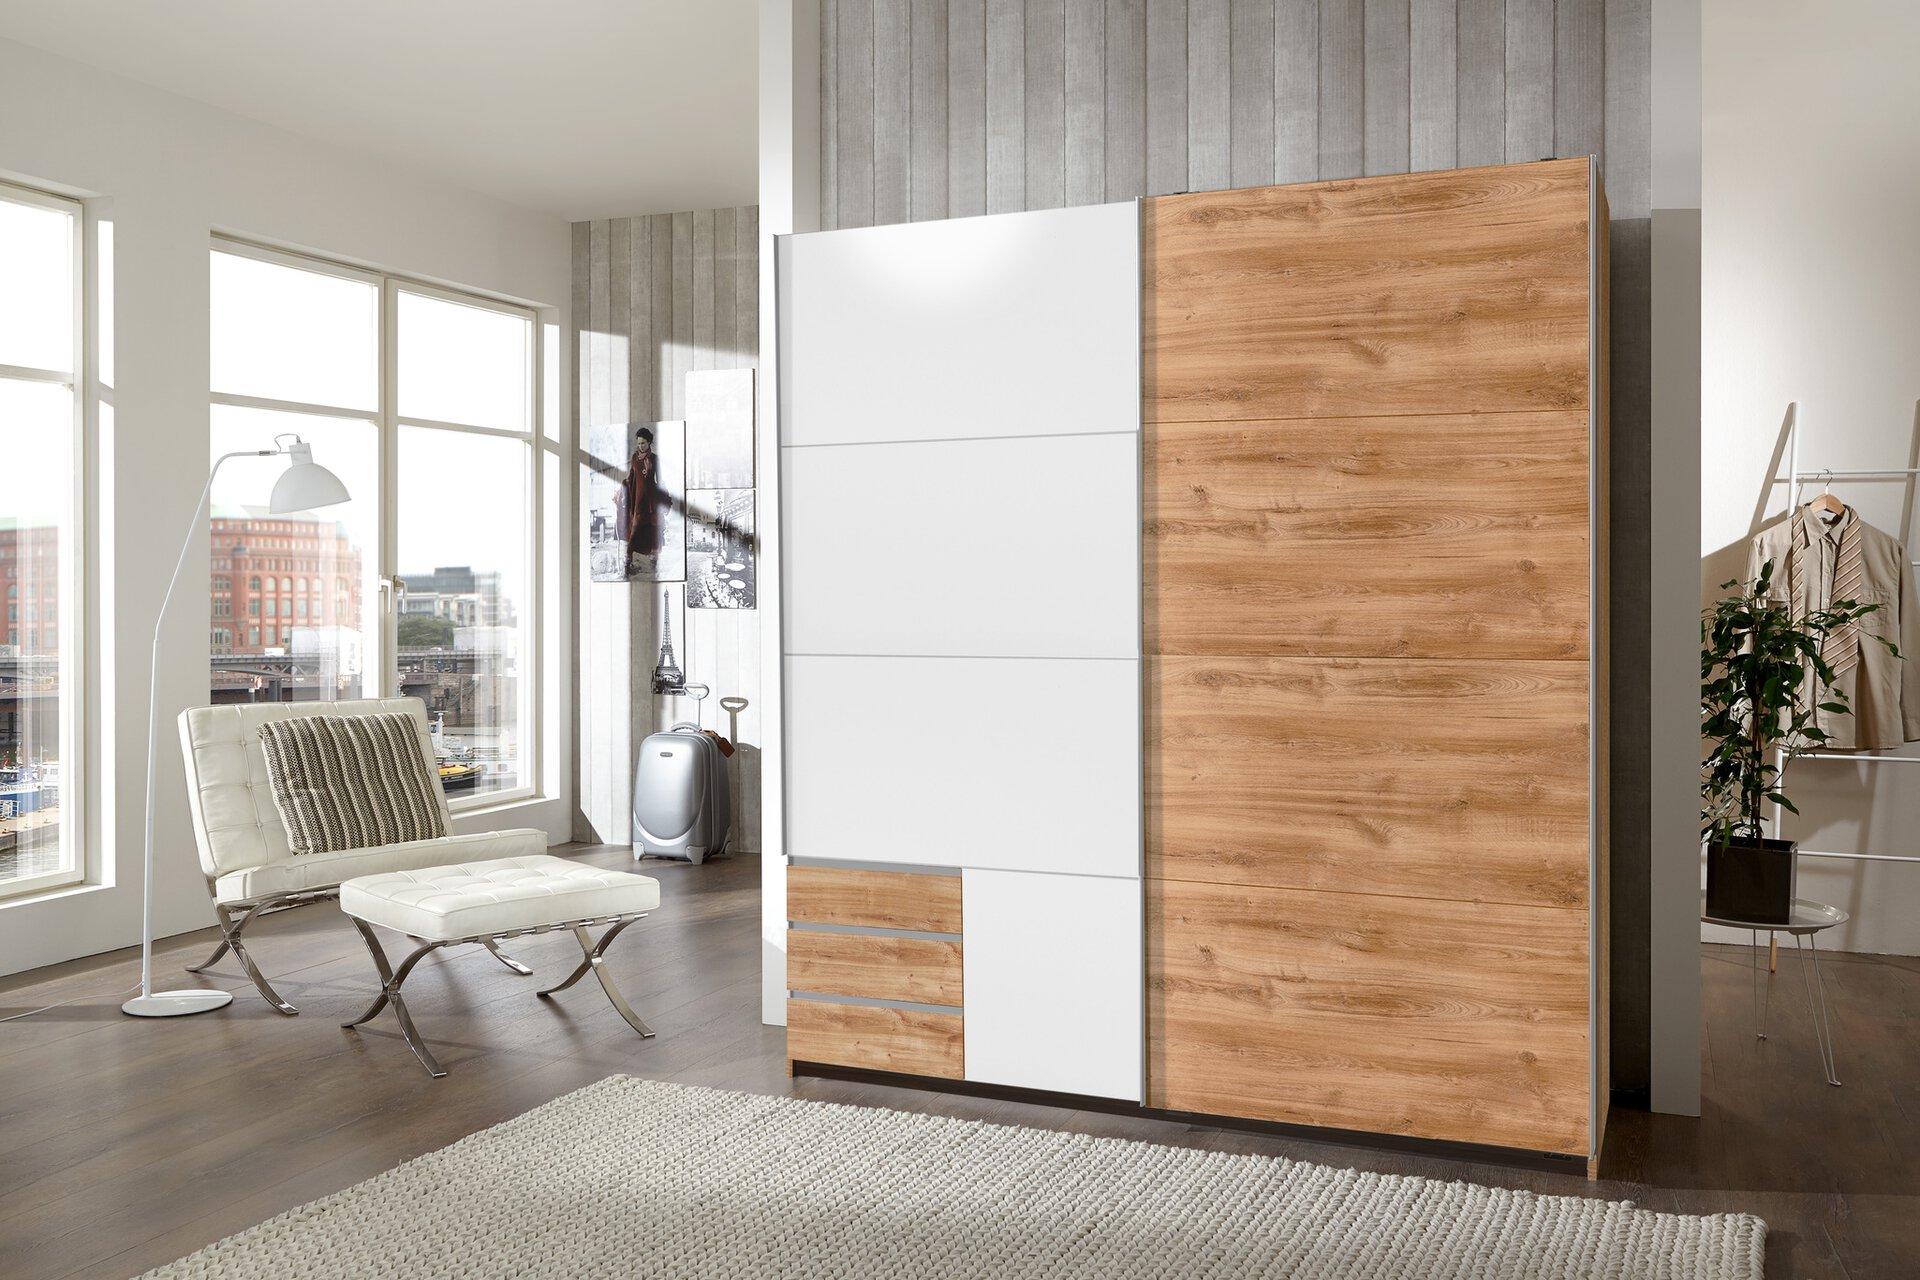 Schwebetürenschrank Emden Wimex Wohnbedarf Holzwerkstoff braun 64 x 198 x 180 cm